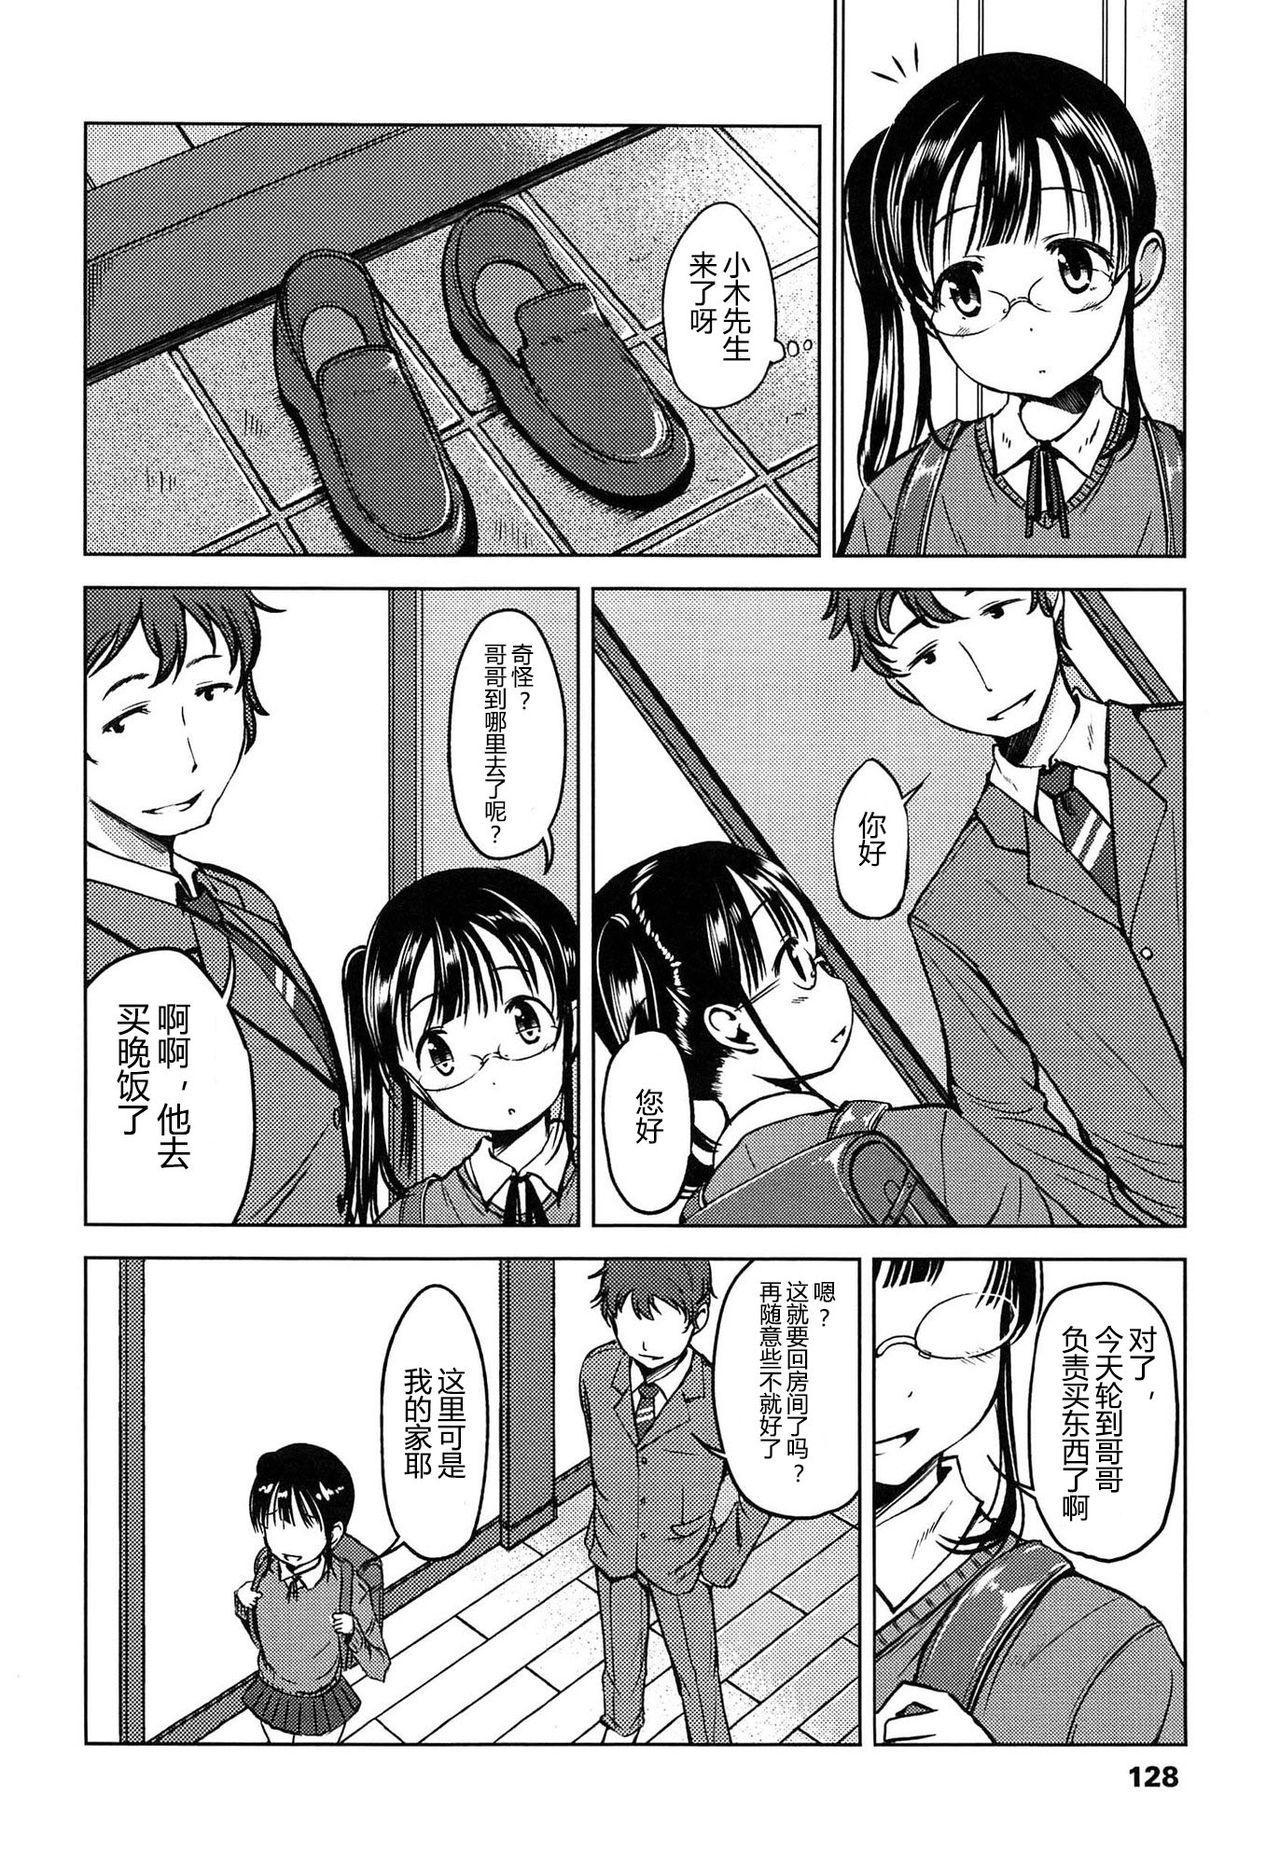 Hajimete Janai yo? | 不是第一次哦? 127